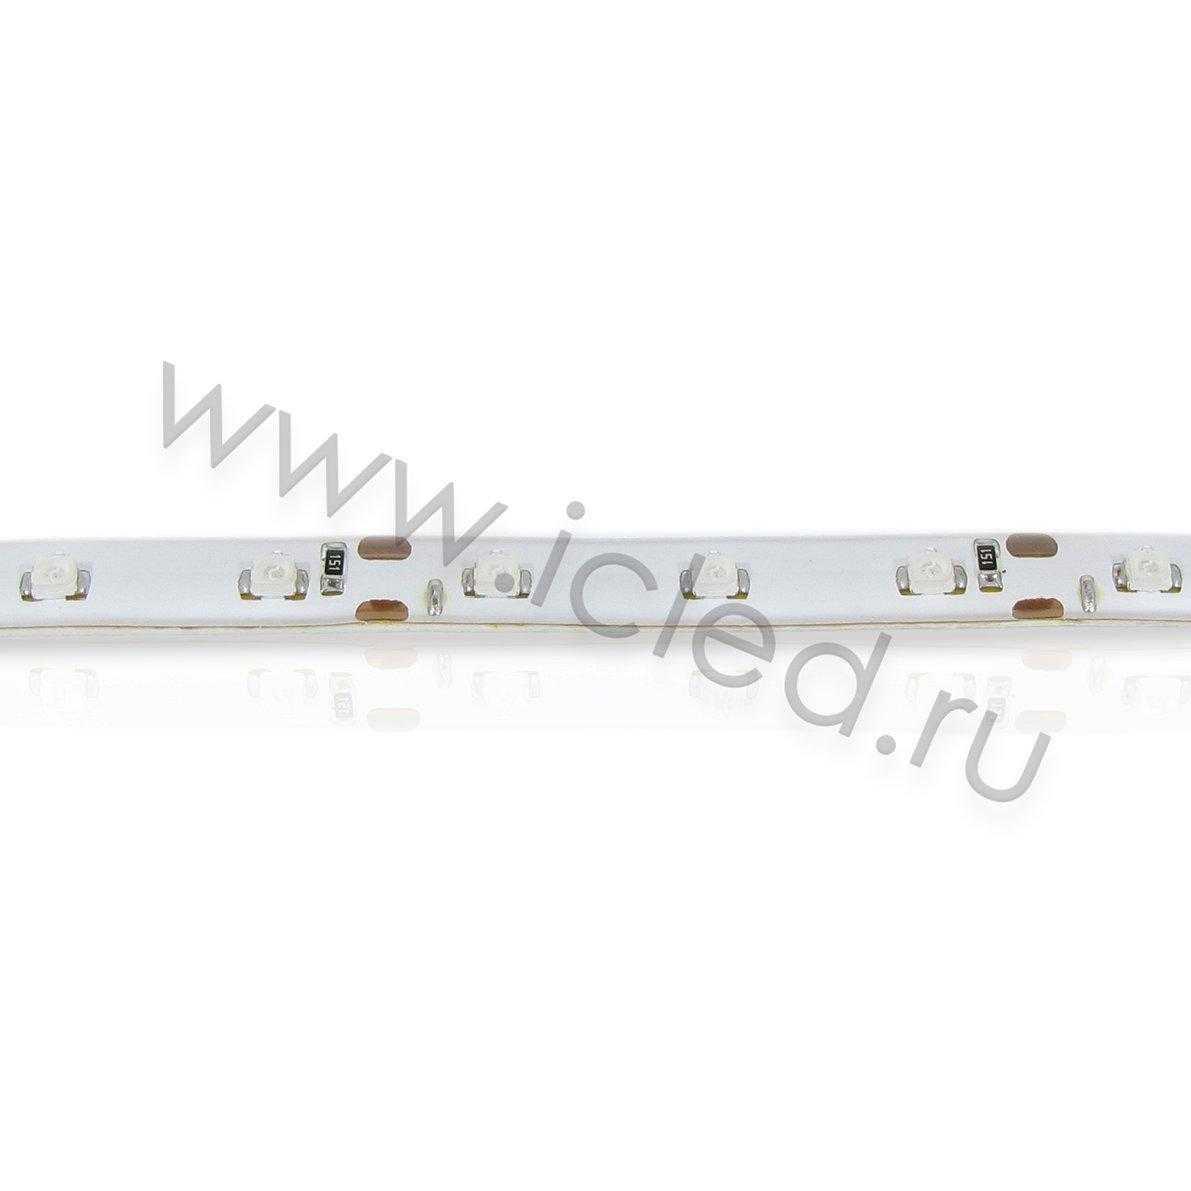 Светодиодная лента Class B, 3528, 60 led/m, Purple, 12V, IP65